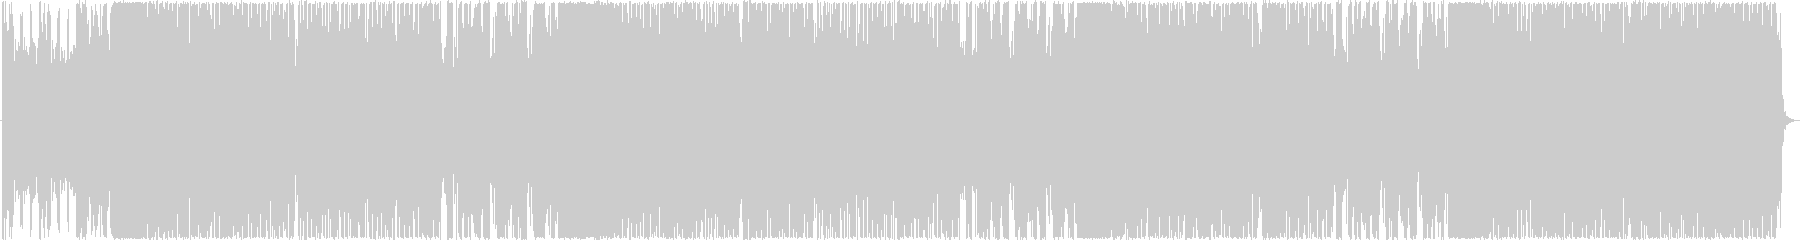 攻撃的ドラムン・ベーストラックの未再生の波形